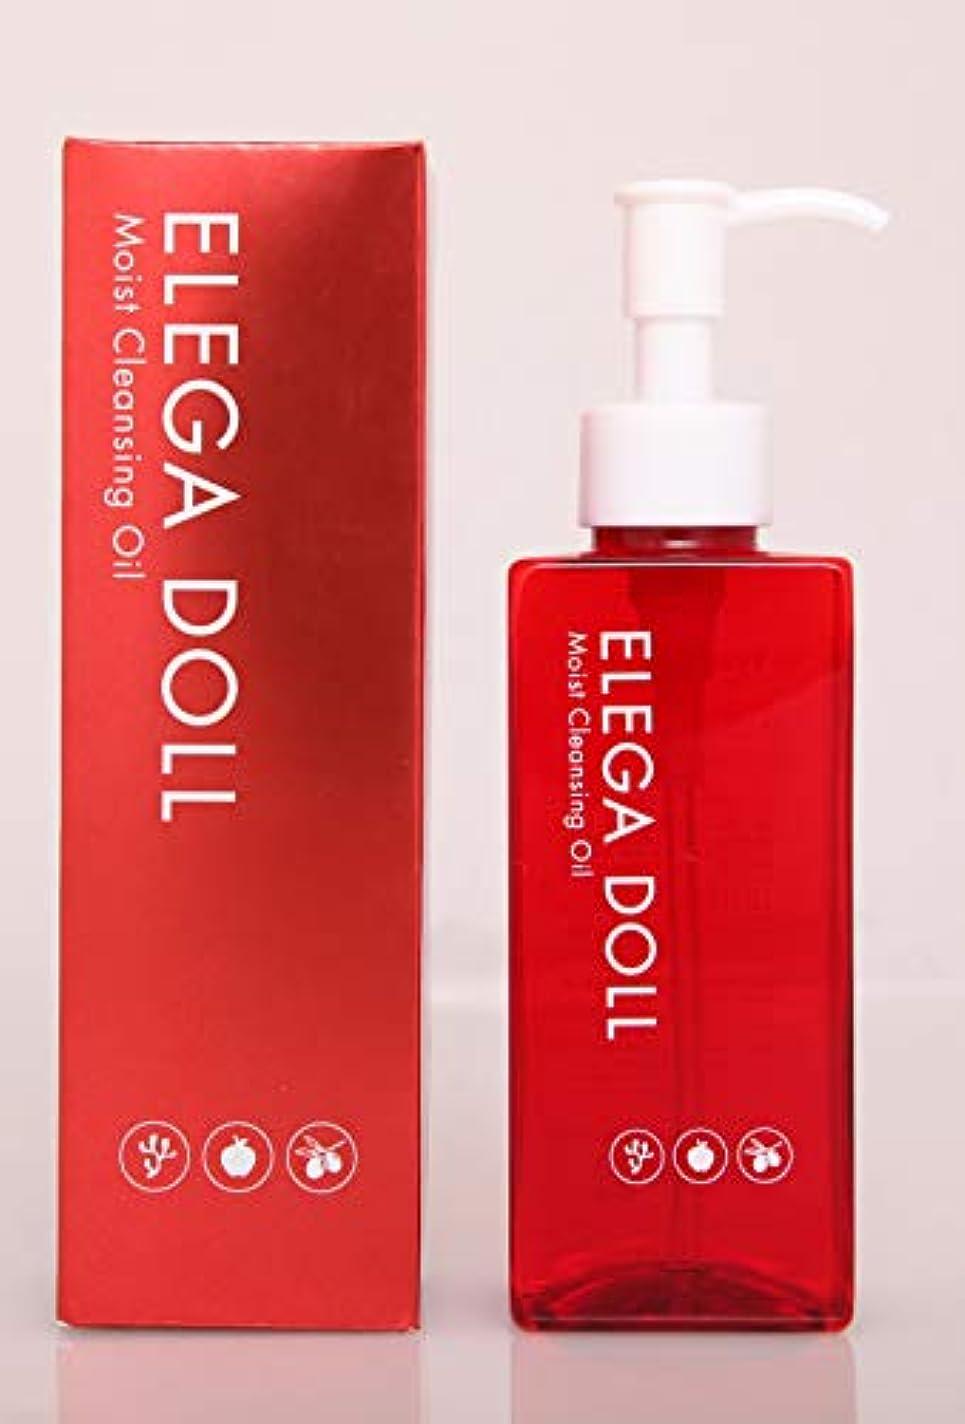 寛容な緯度失速ELEGADOLLモイストクレンジングオイル(メイク汚れはもちろん、大気中の汚れ、 お肌に付着した空気中の微粒子までも洗い流すクレンジングオイル)